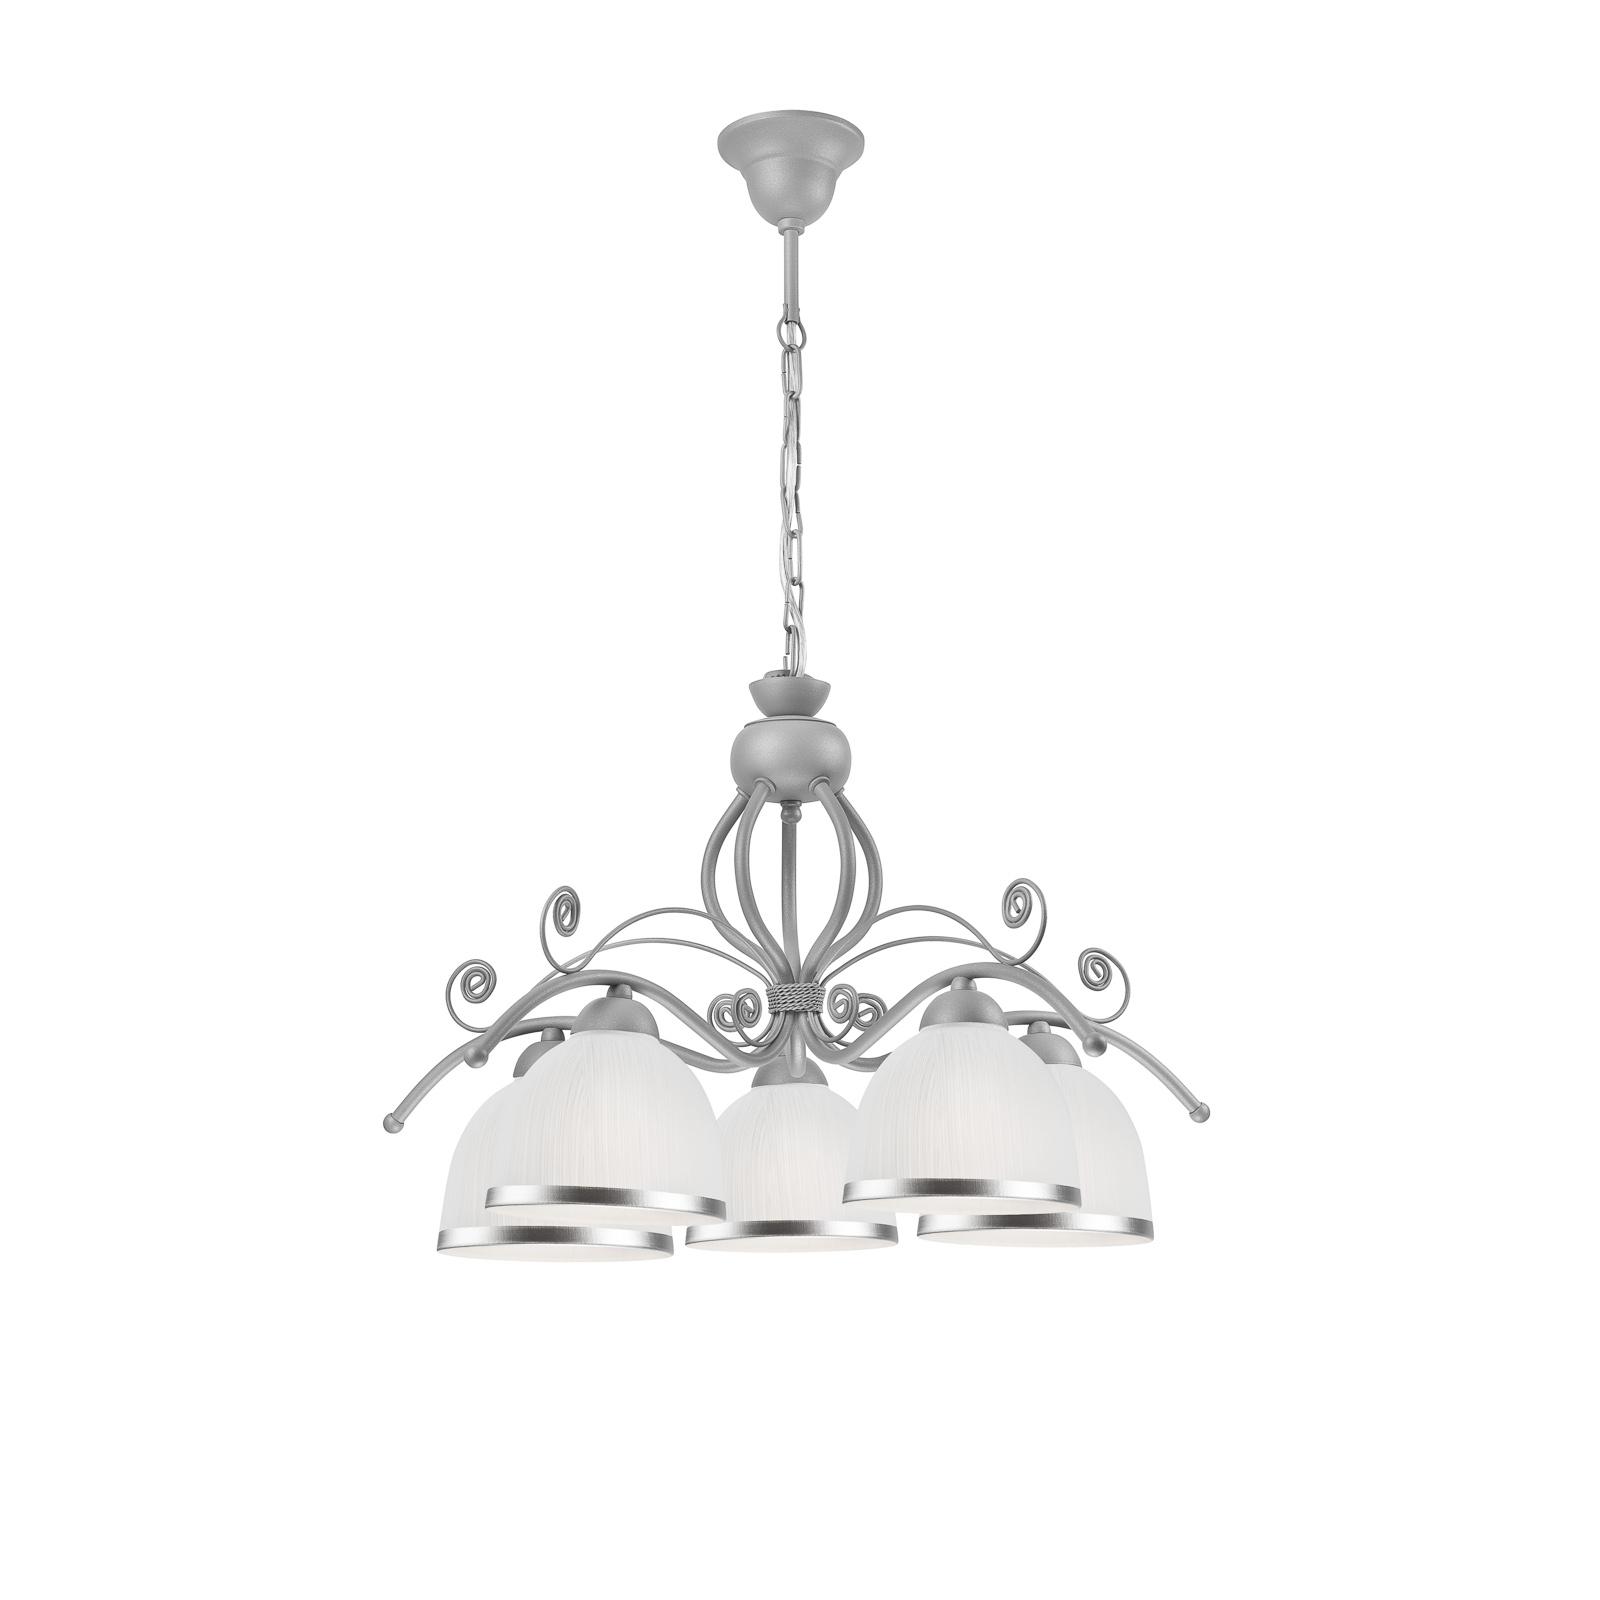 Roma hængelampe i hvid og sølv, 5 lyskilder